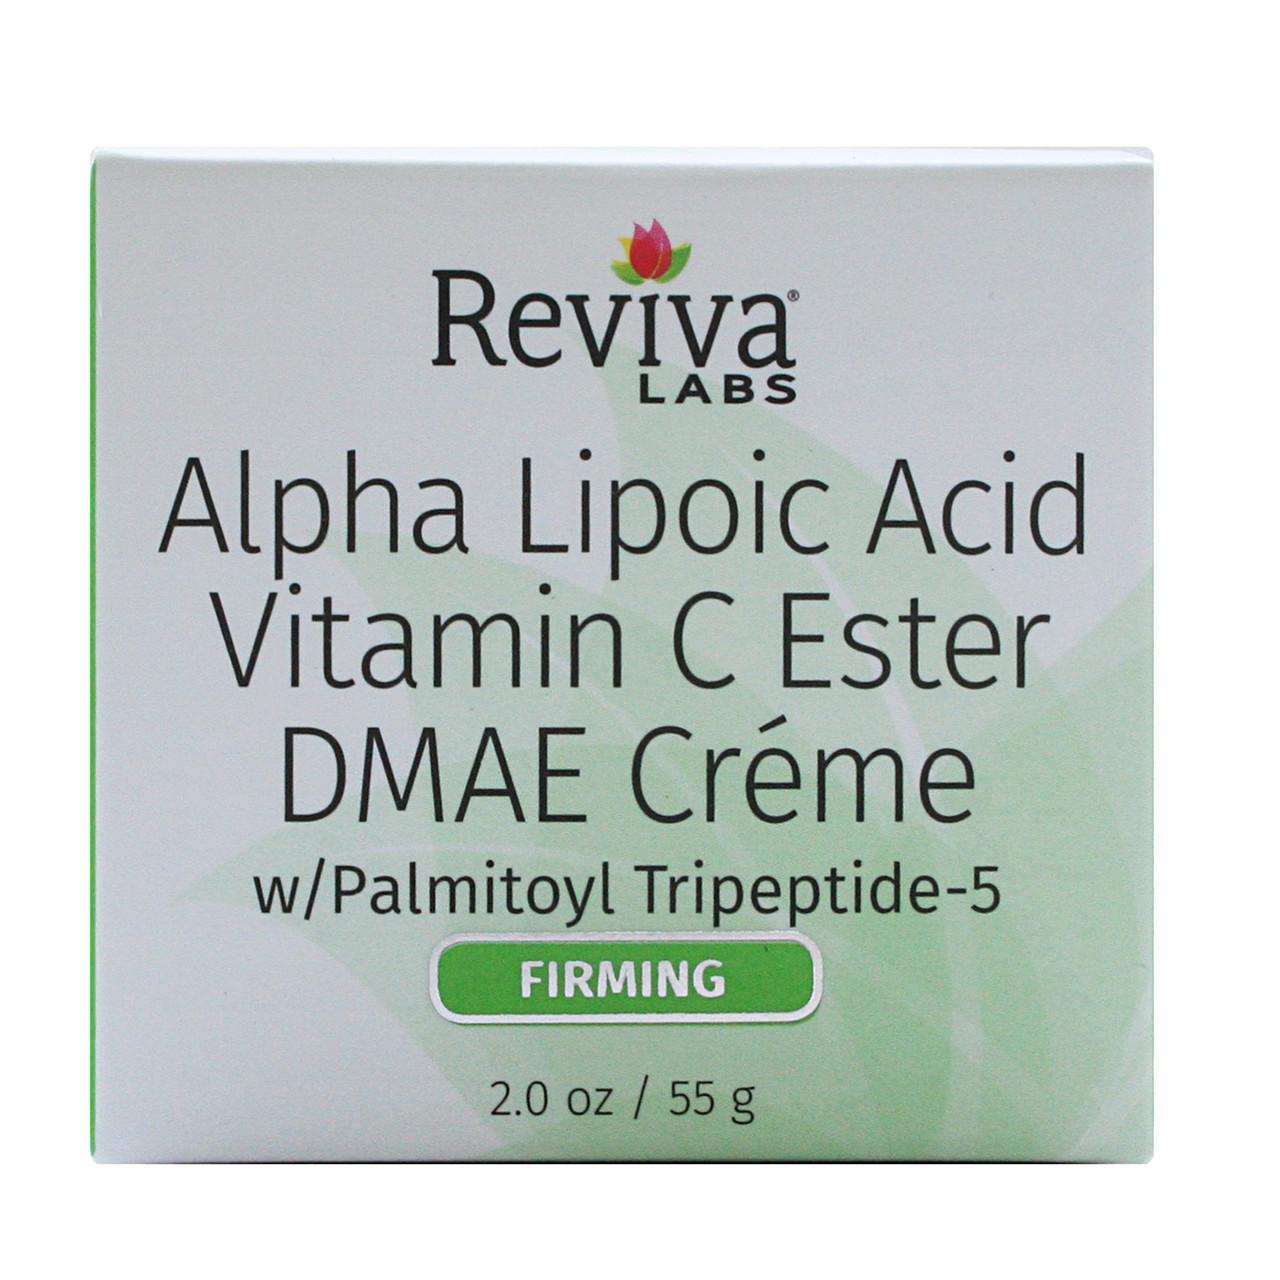 Крем против старения с альфа-липоевой кислотой, витамином C  и ДМАЭ, 55 грамм